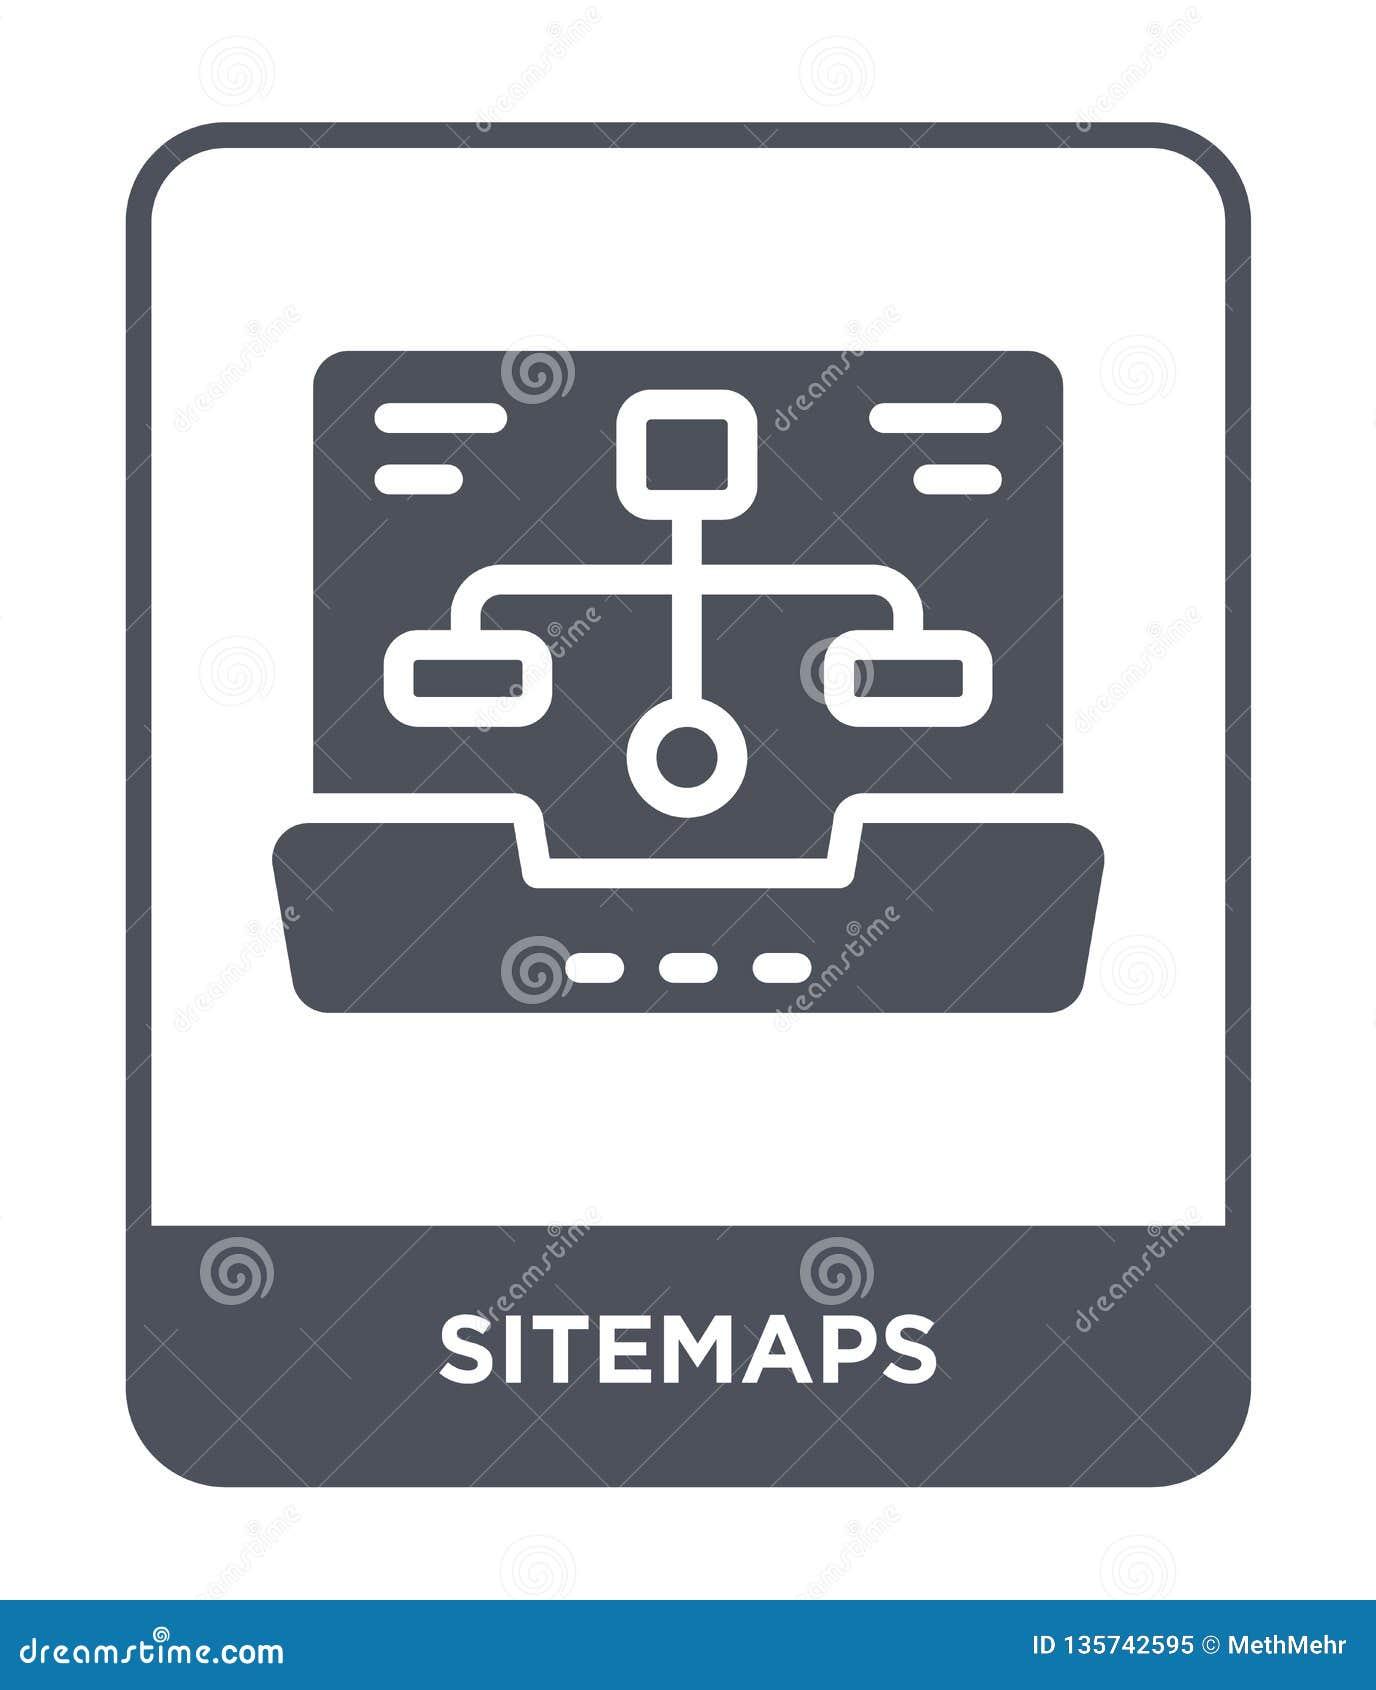 Icona dei sitemaps nello stile d avanguardia di progettazione icona dei sitemaps isolata su fondo bianco piano semplice e moderno